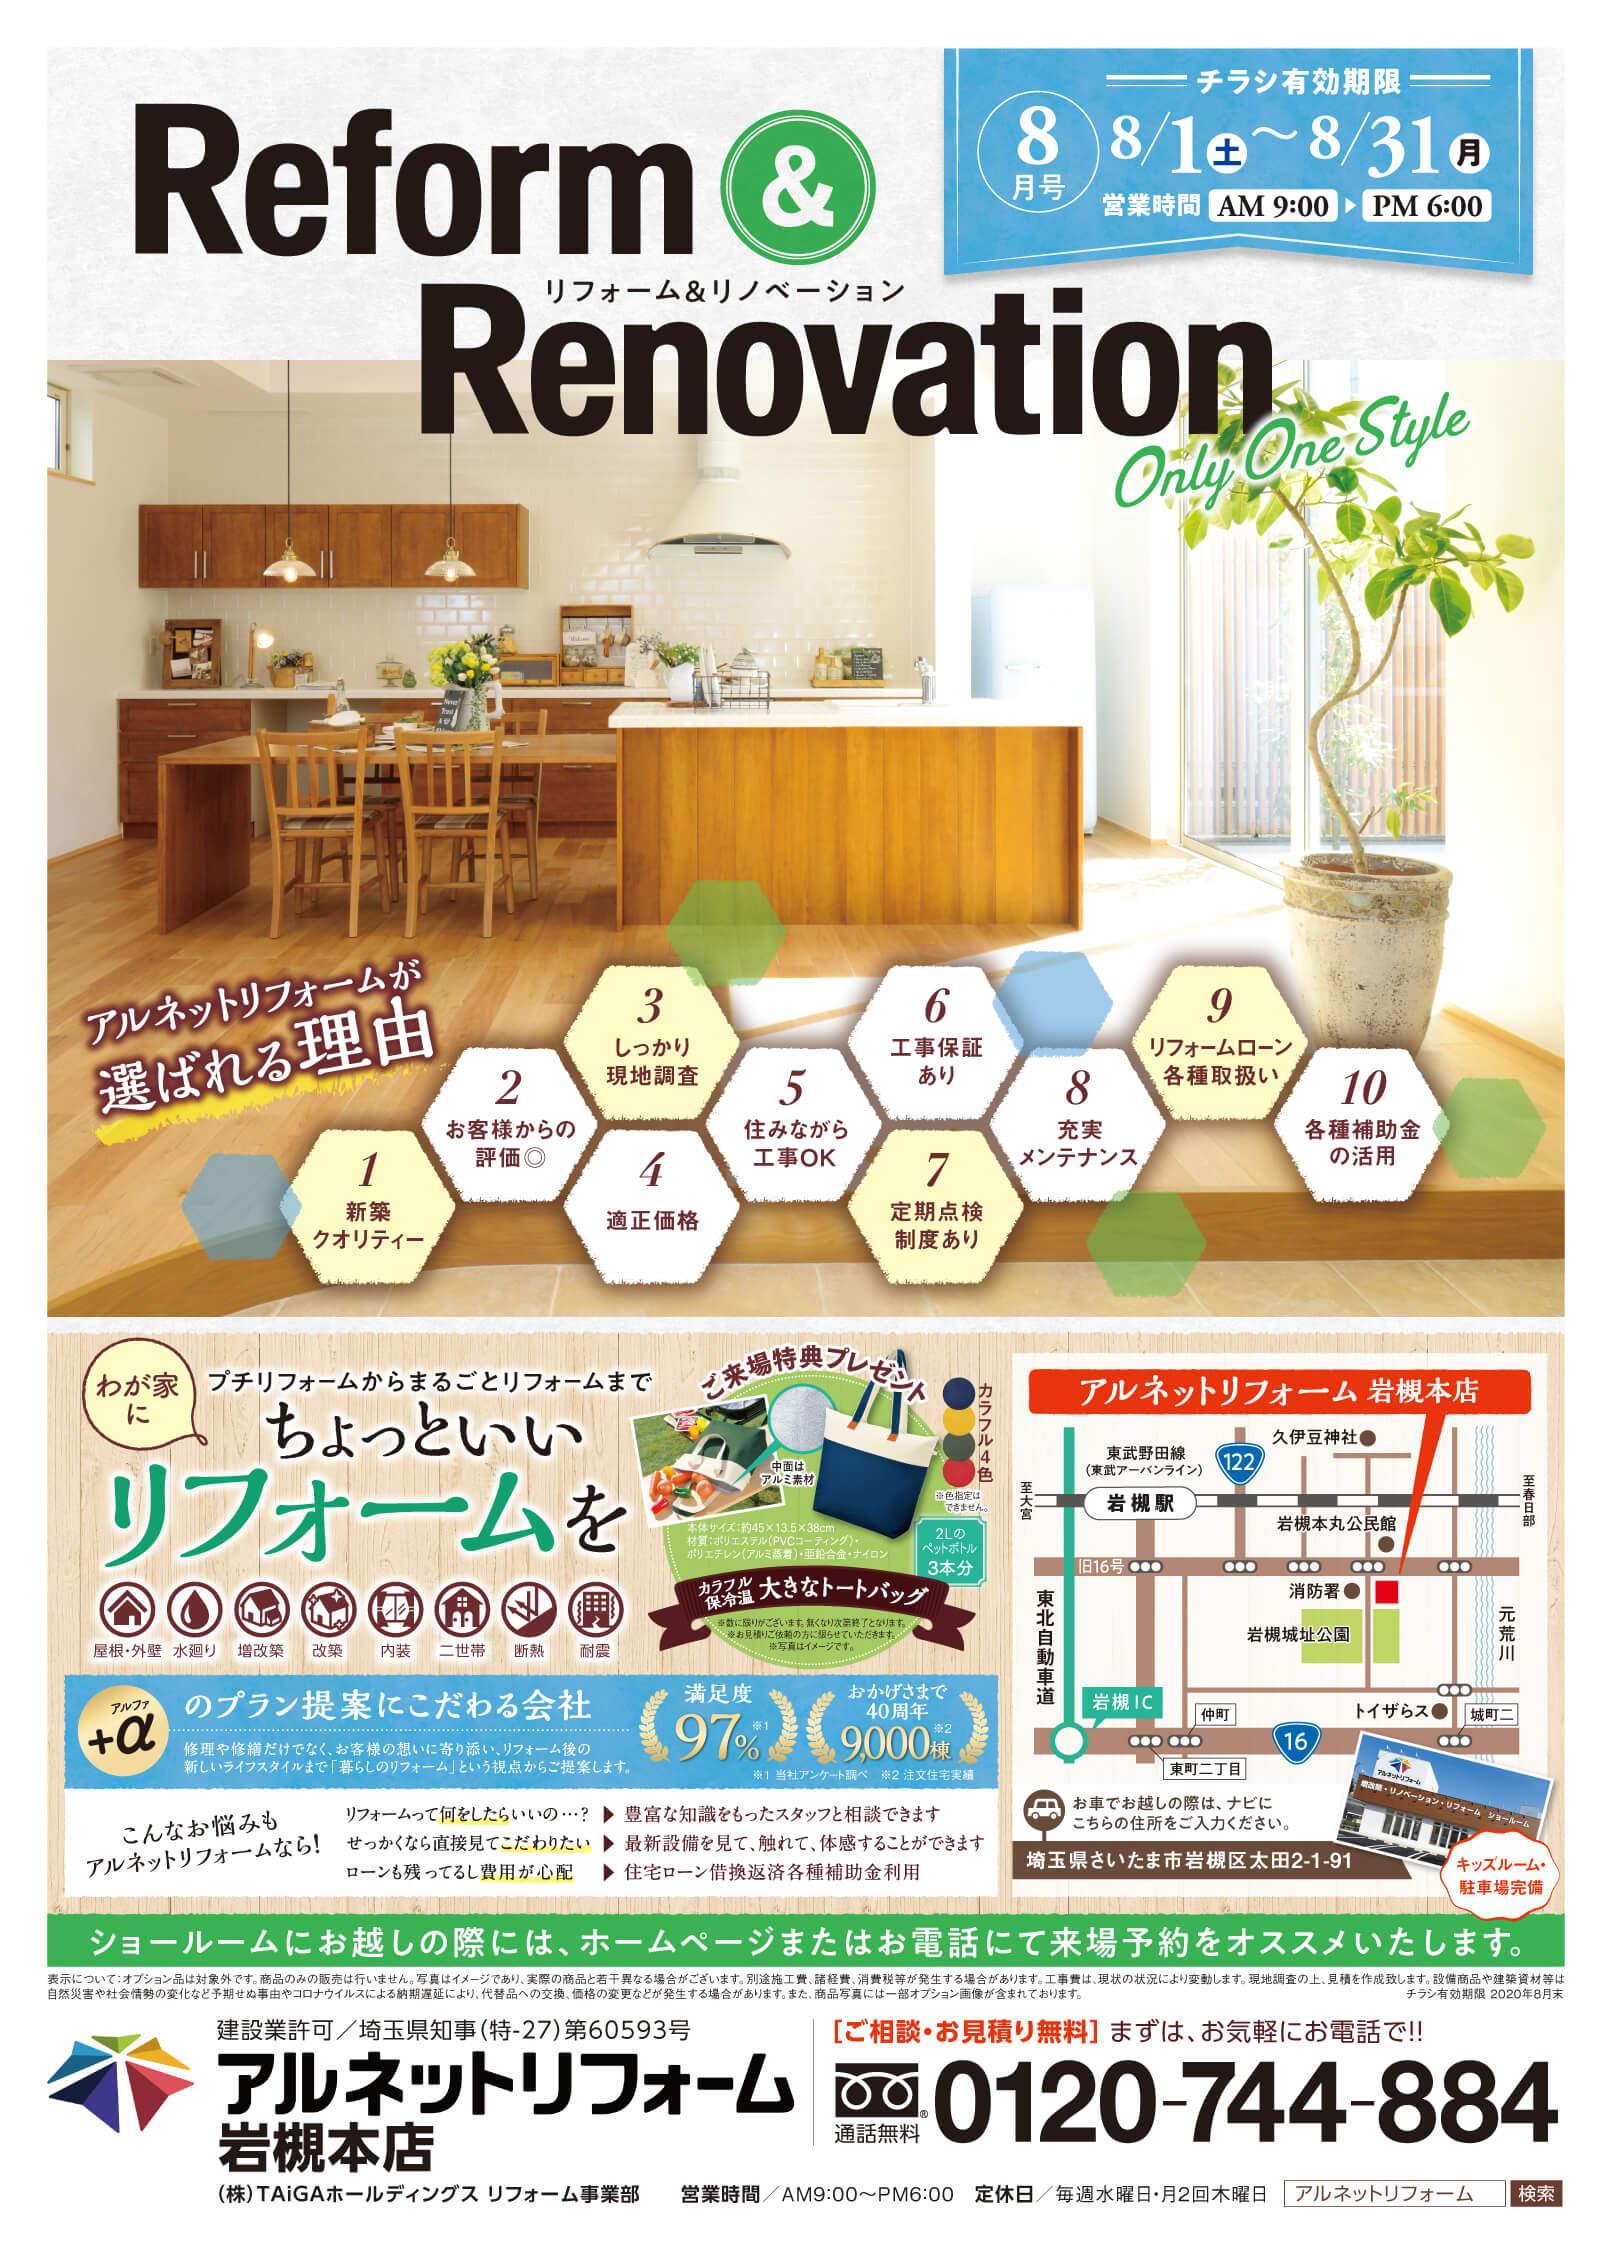 【岩槻本店】8月イベント開催!